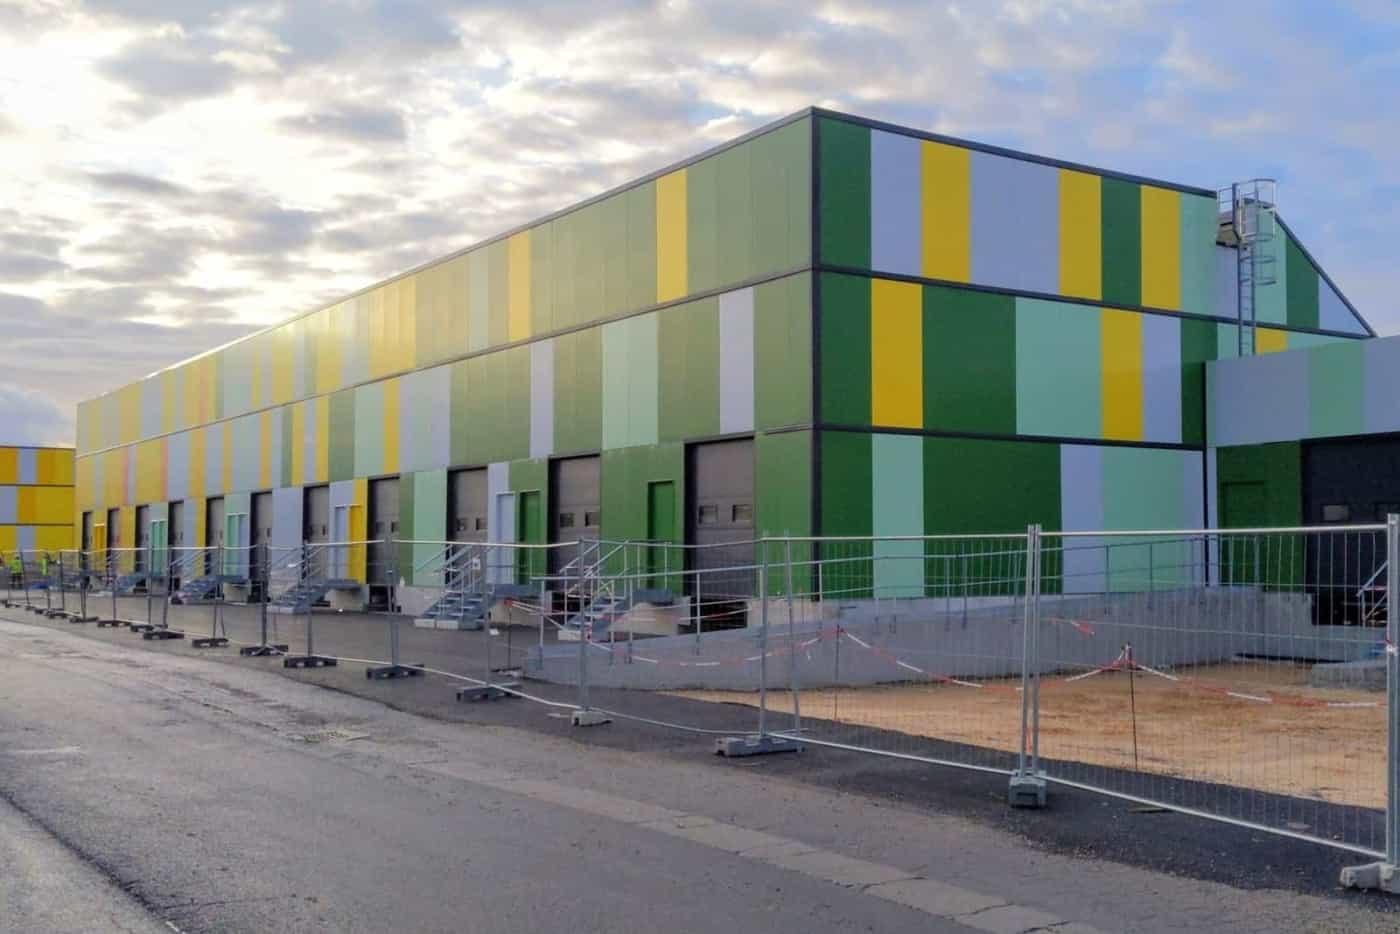 , Plus grand, plus bio, plus solidaire : le MIN des Arnavaux poursuit sa mutation, Made in Marseille